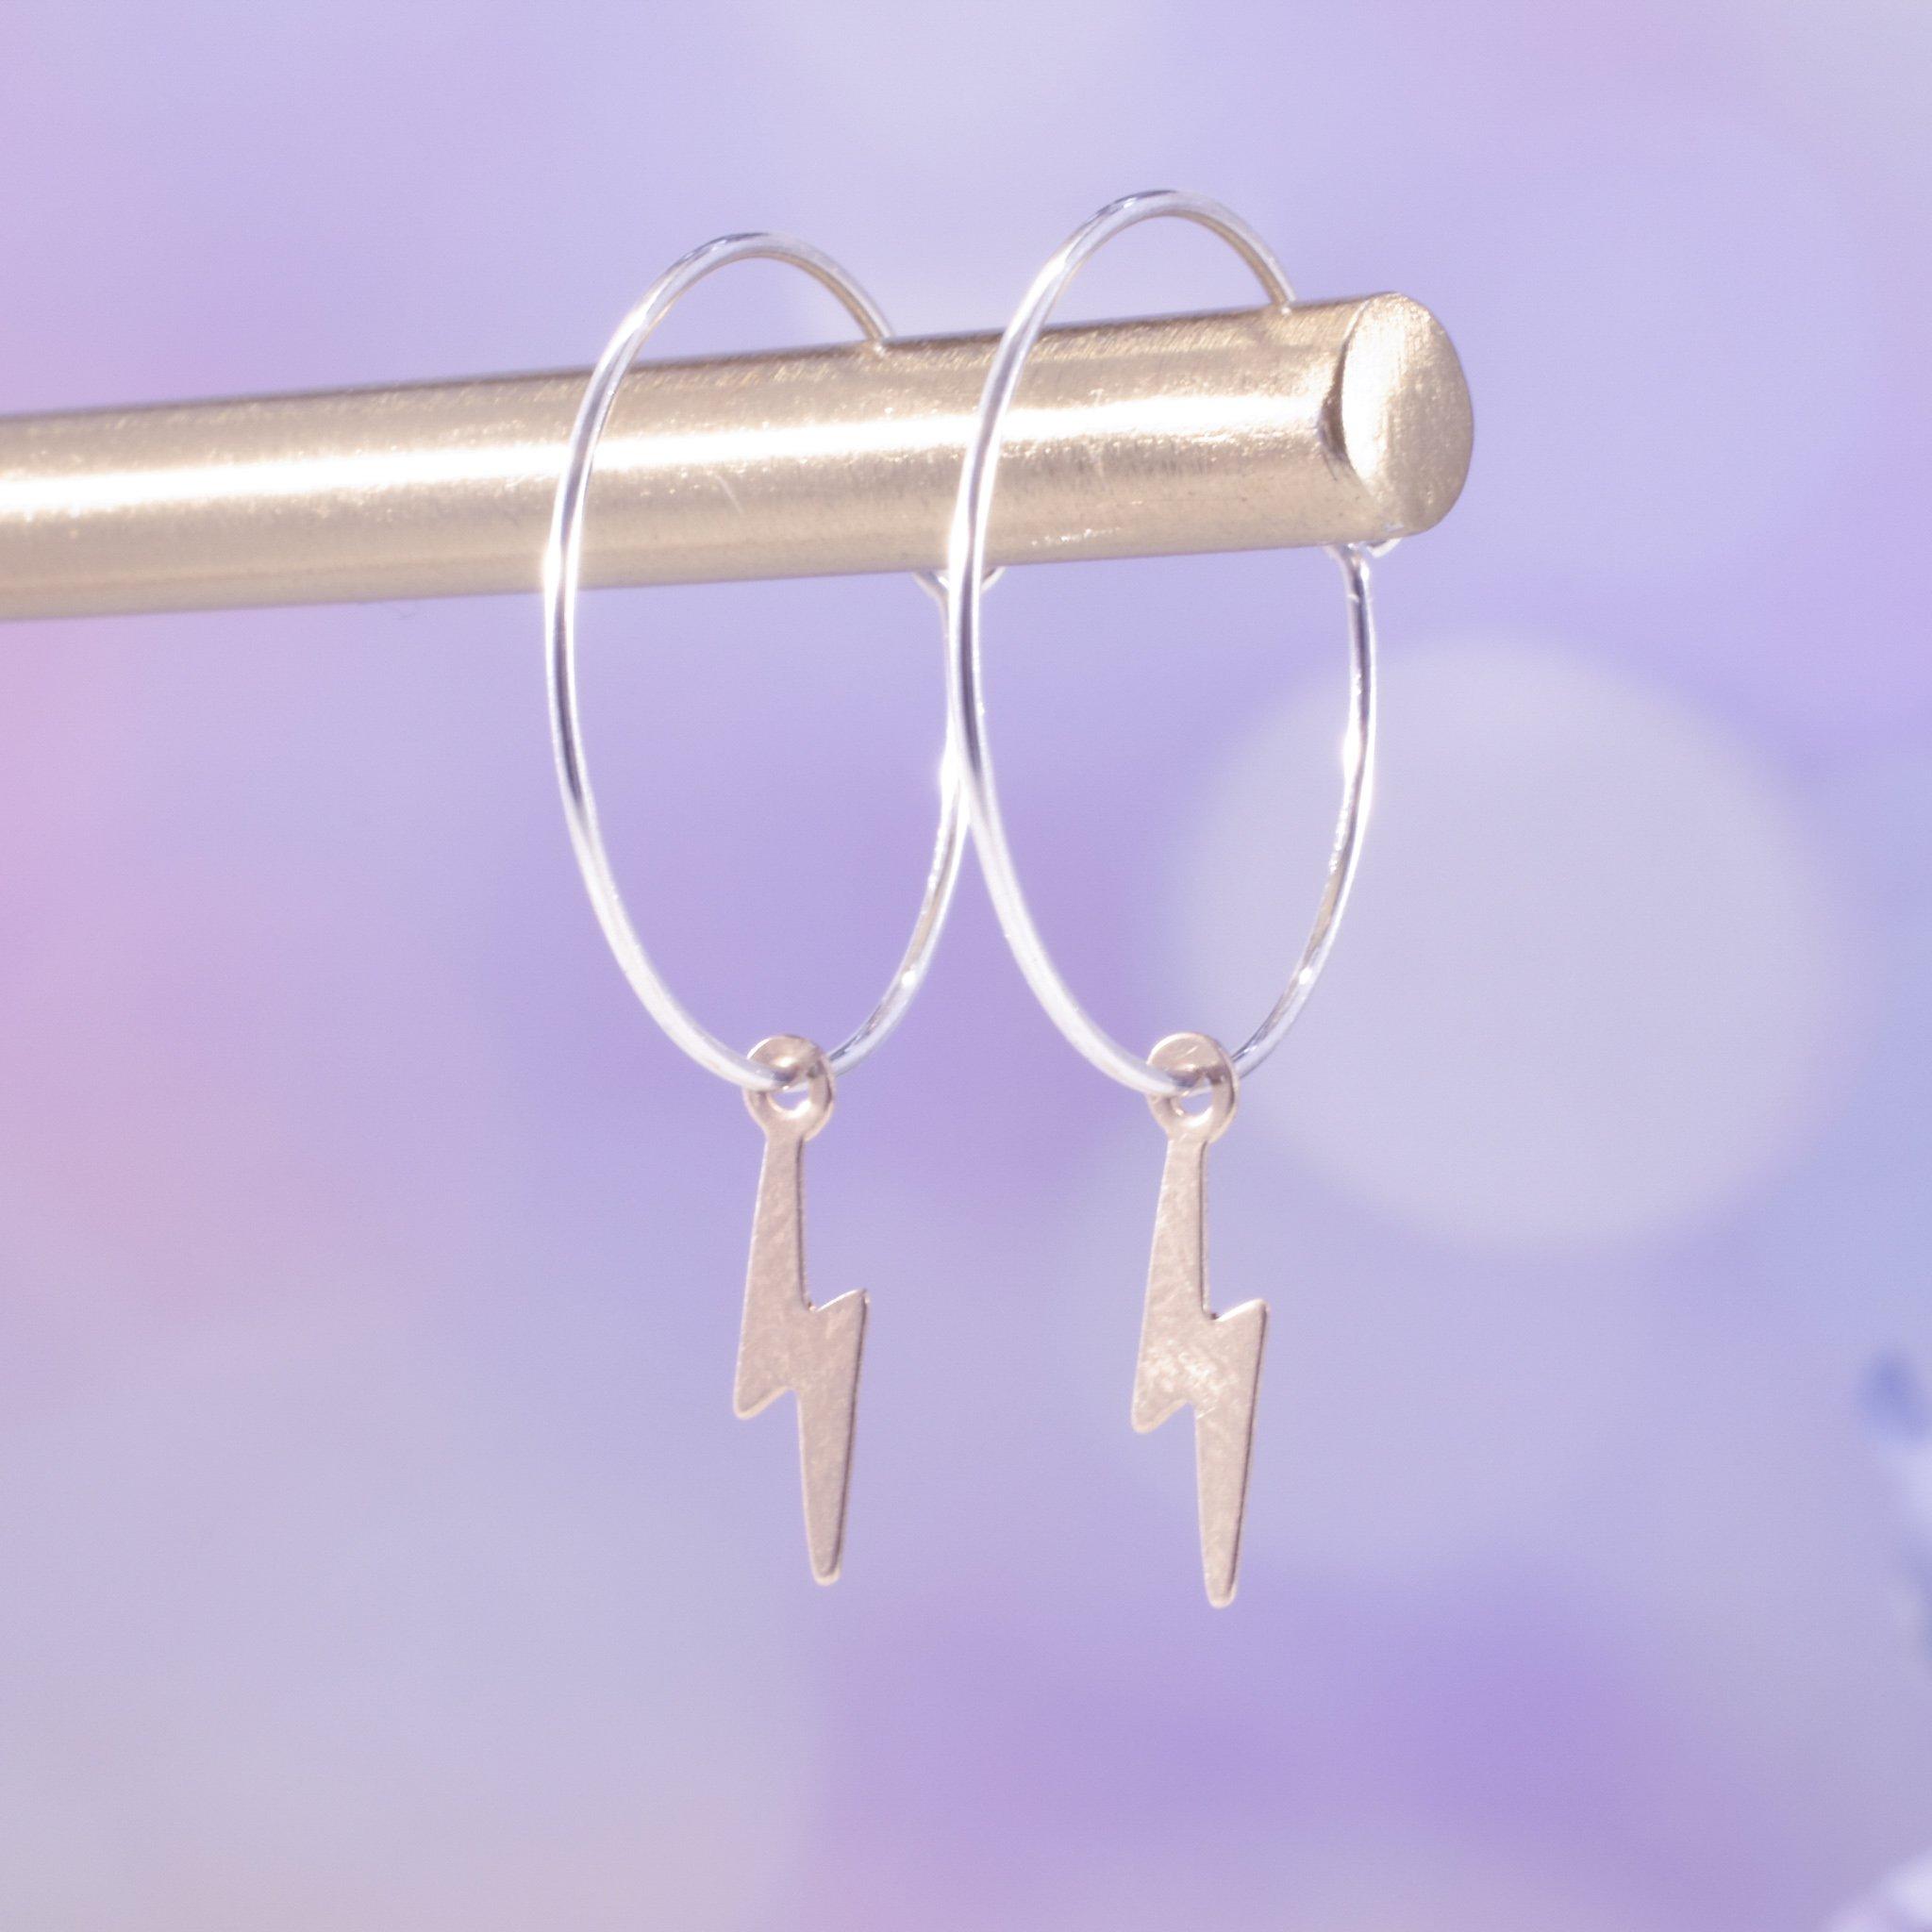 Handmade Gold Filled Lightning Bolt Hoop Earrings